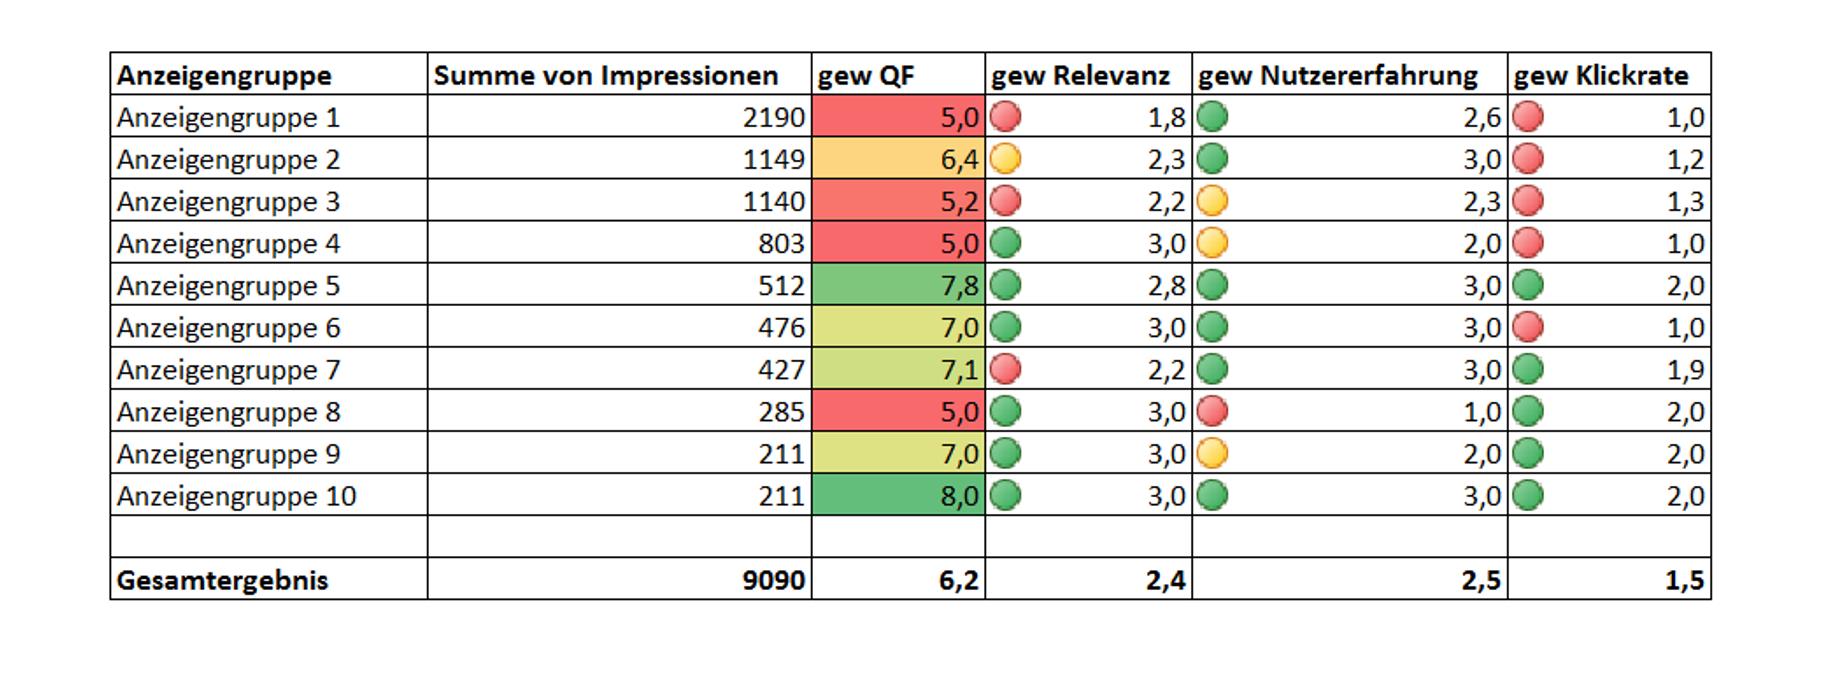 AdWords gewichteter Qualitätsfaktor mit Komponenten